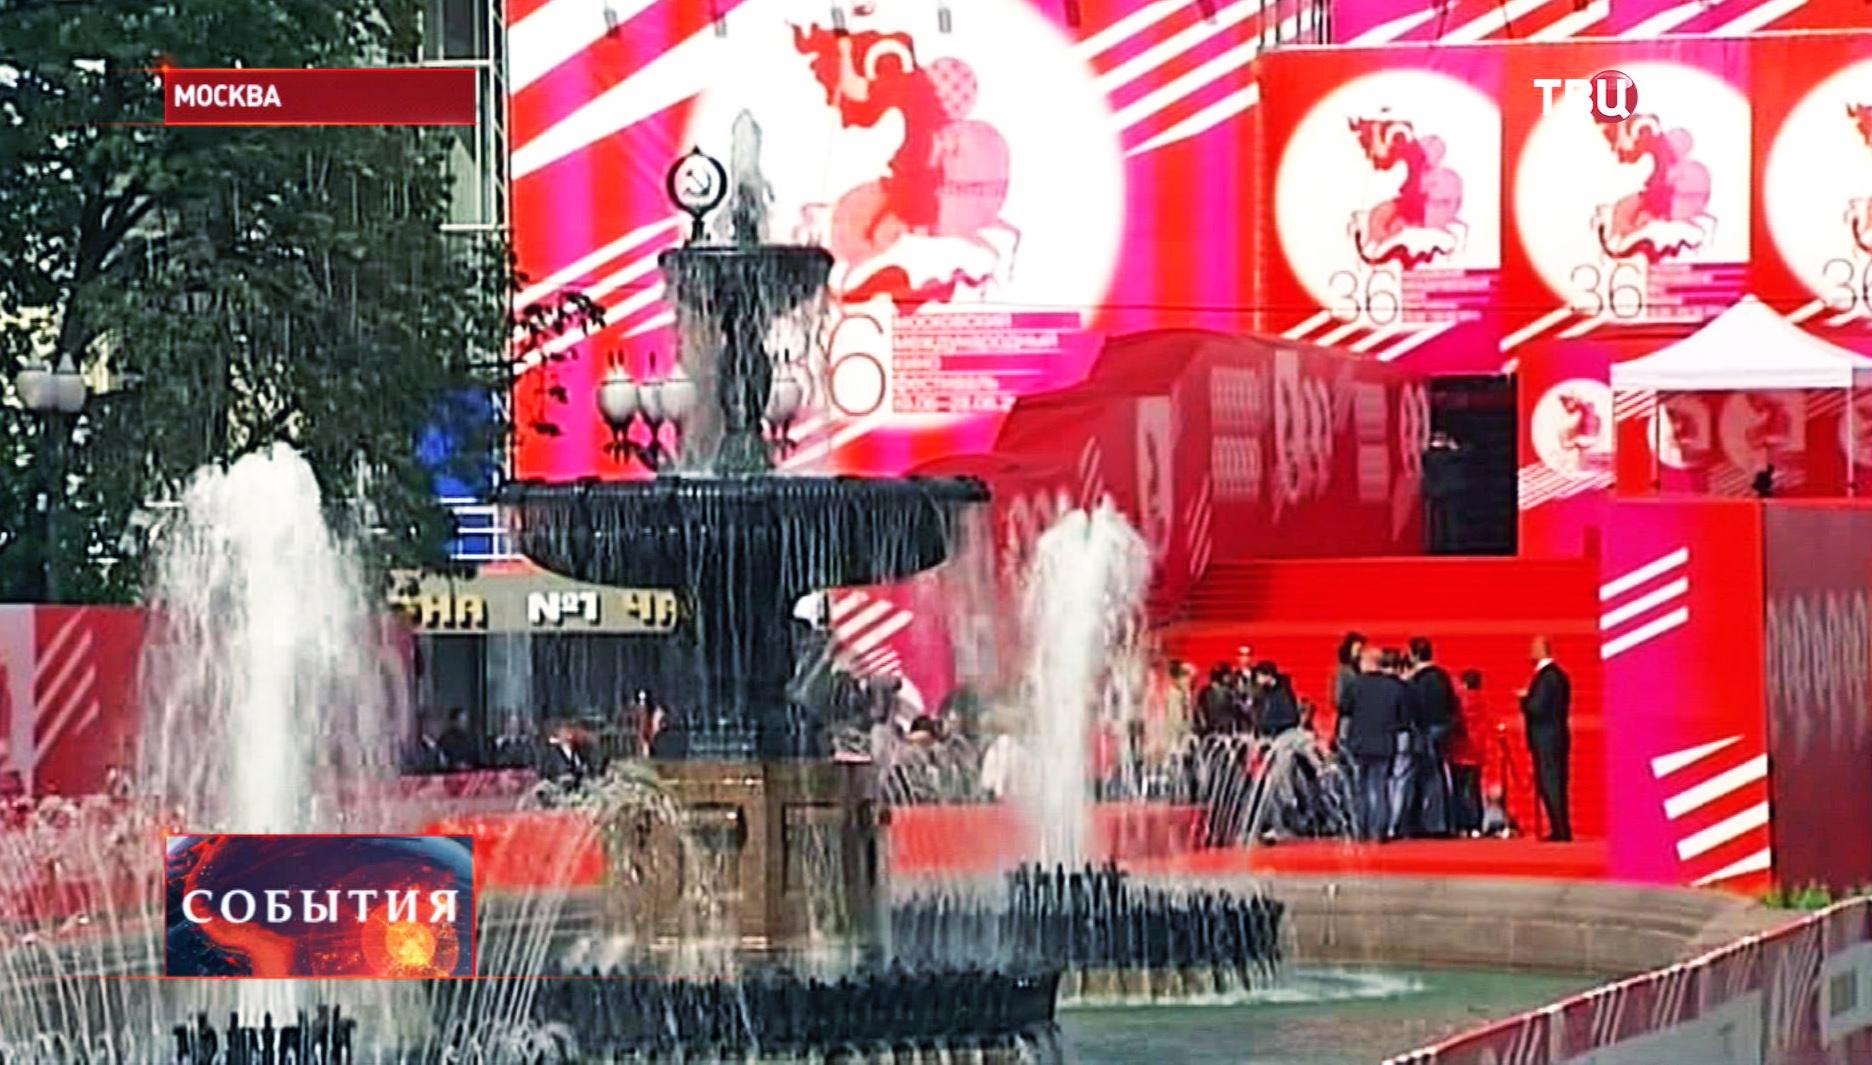 36-й Международный кинофестиваль в Москве